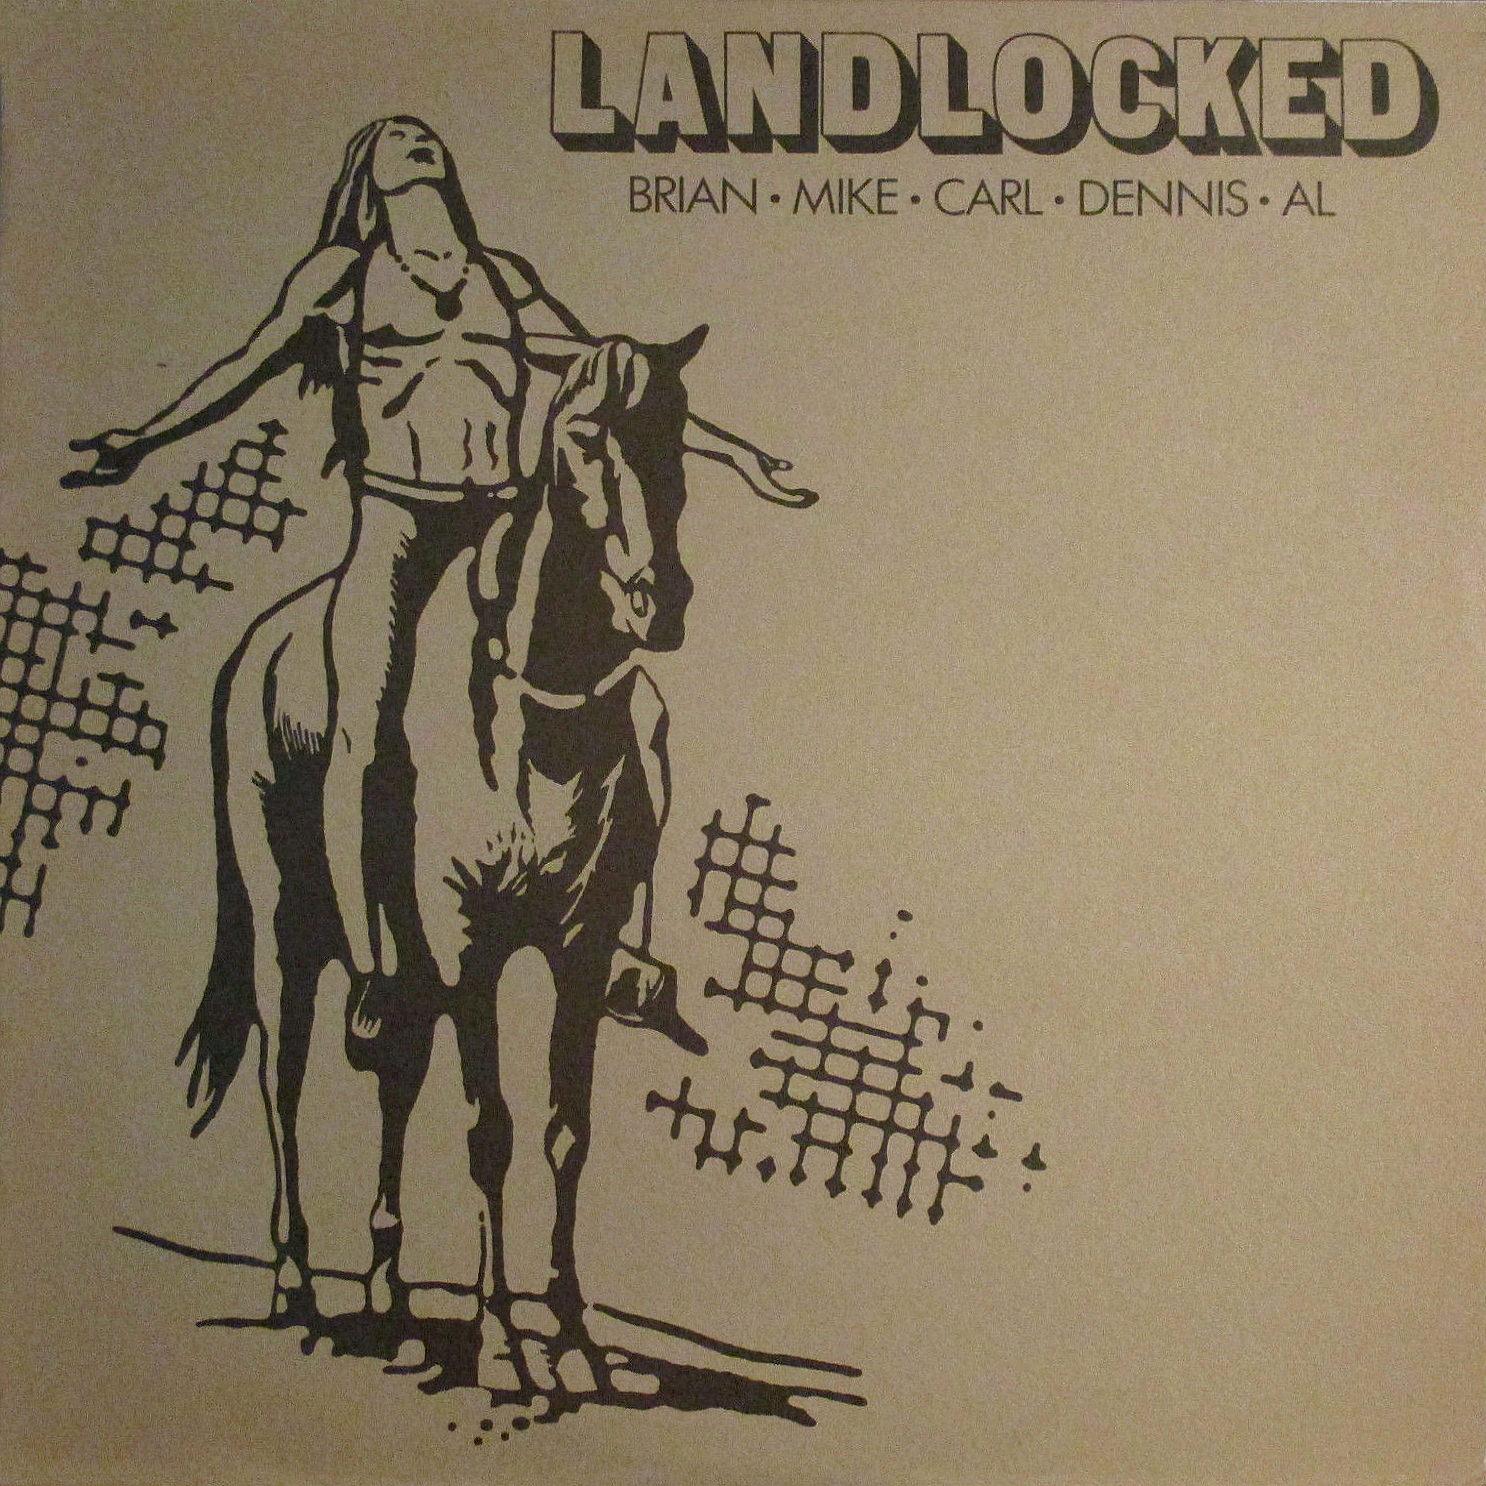 Landlocked cover